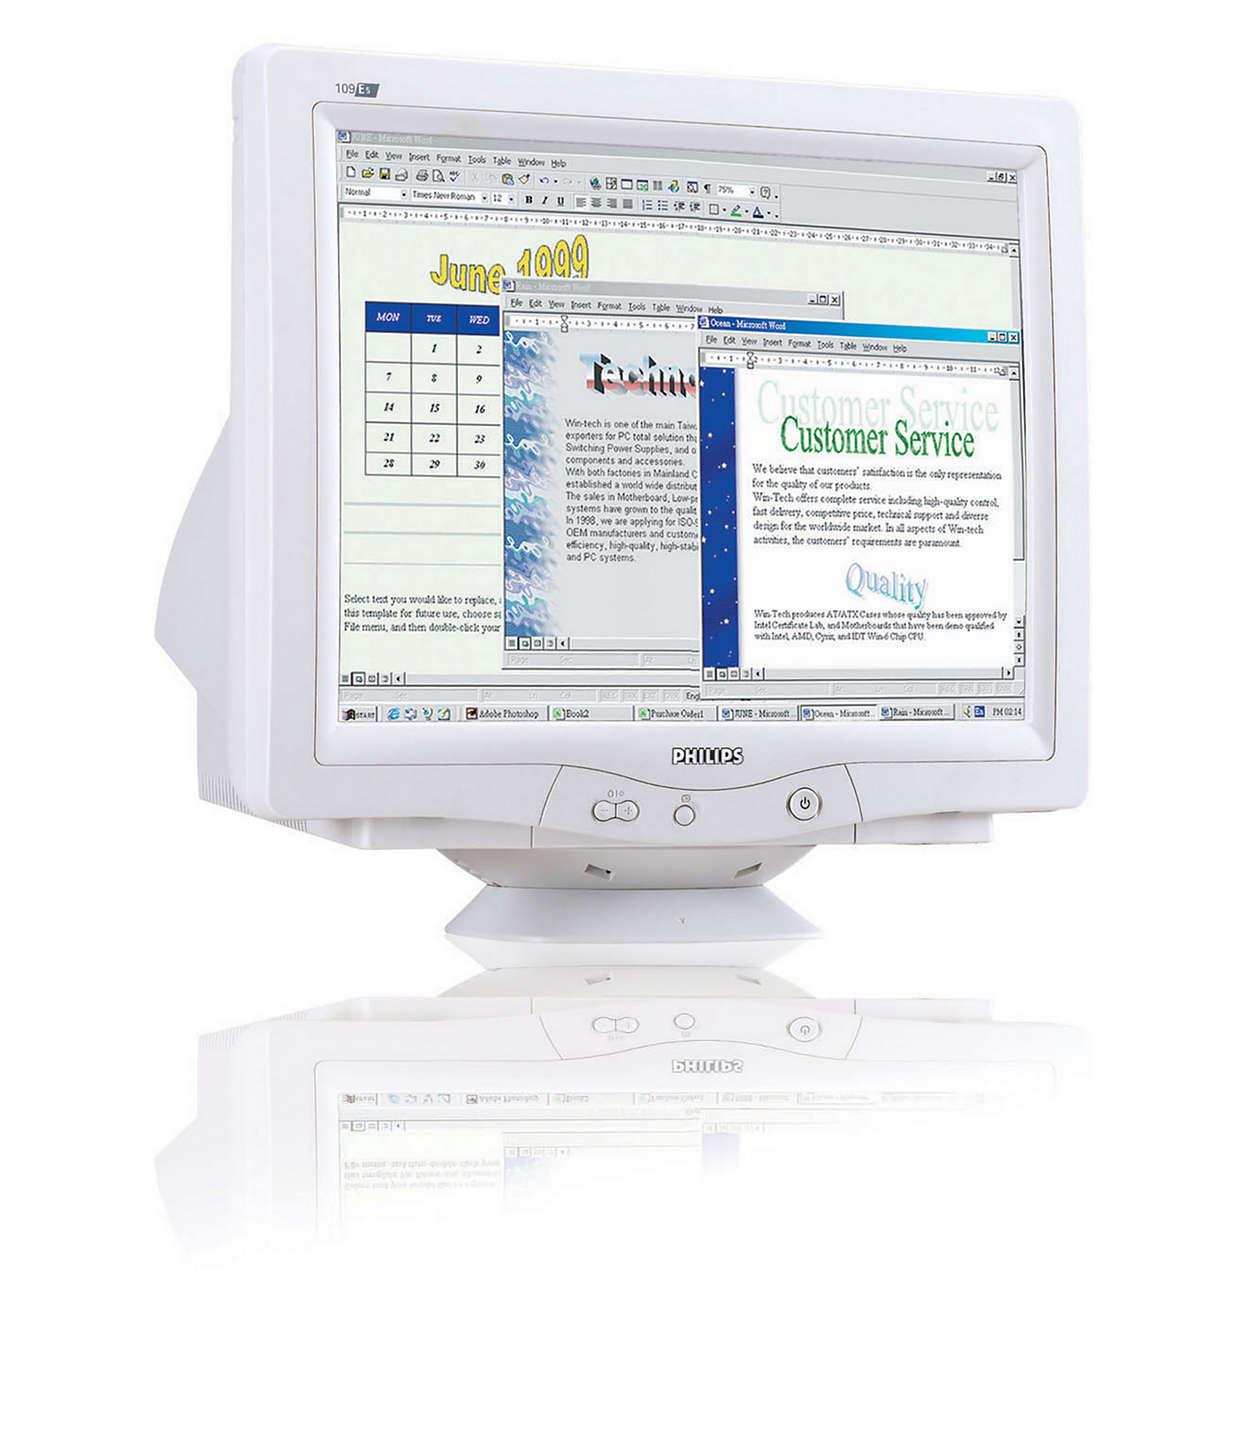 Taille d'écran et environnement: deux facteurs-clés